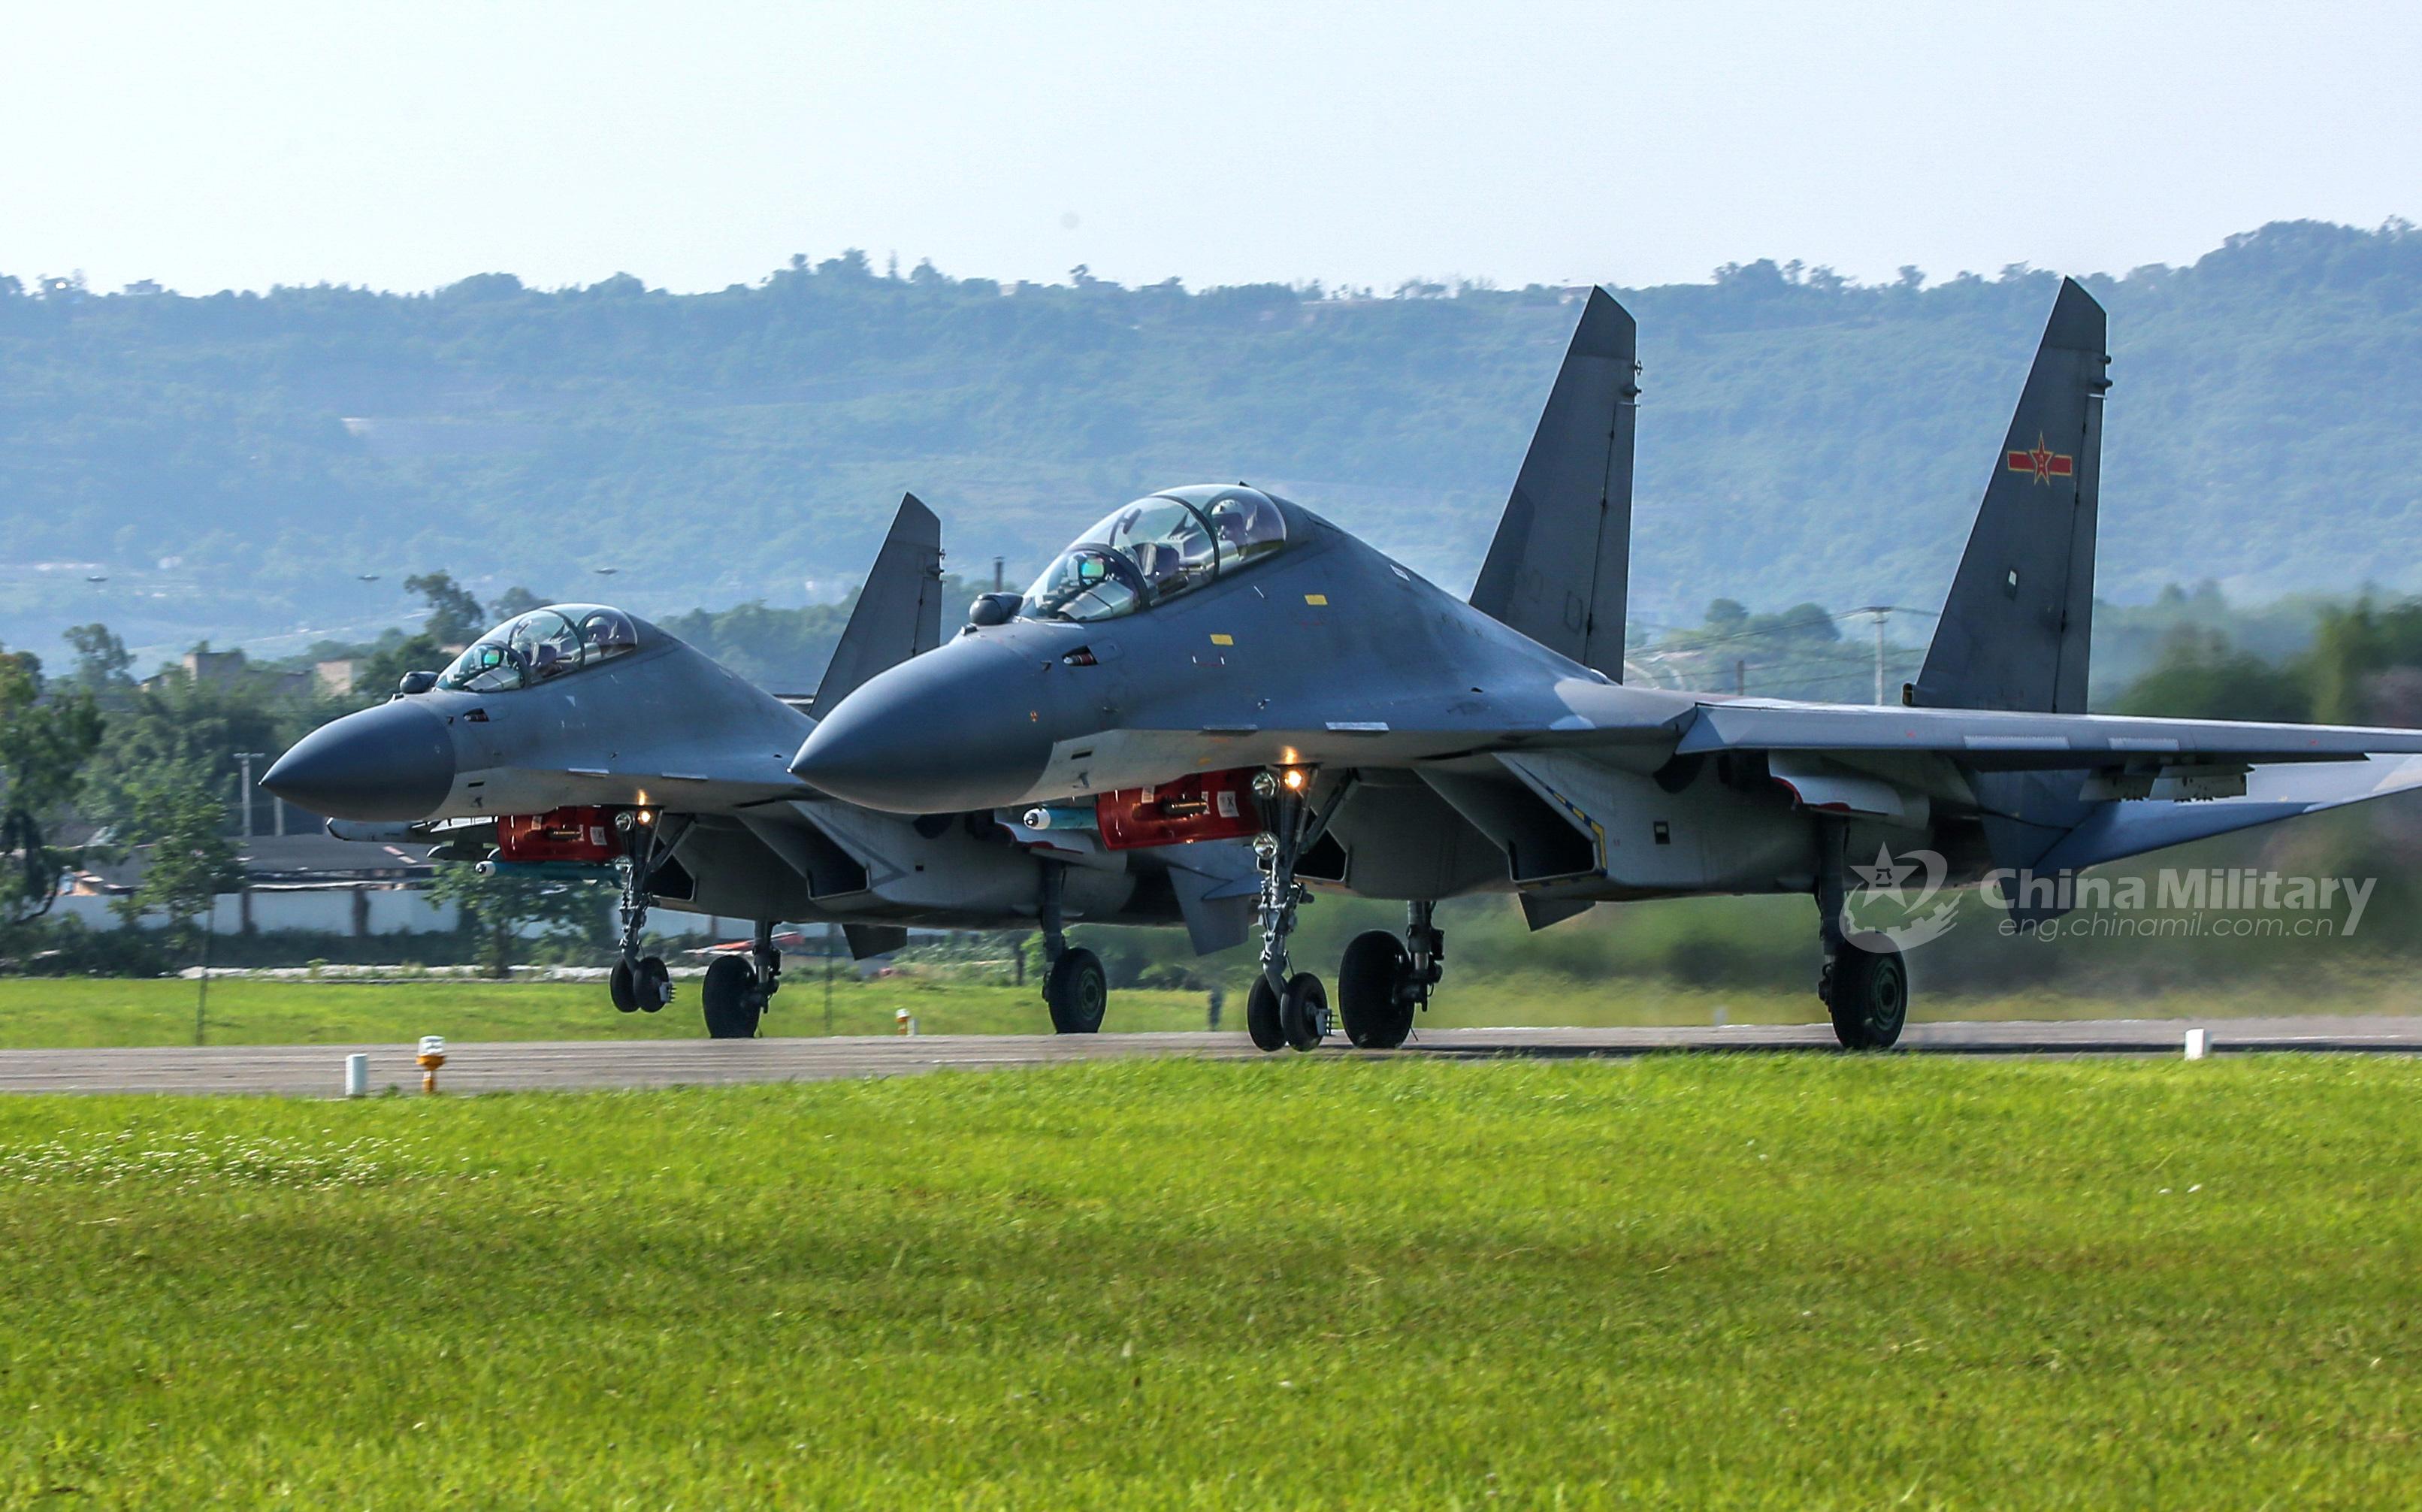 美媒称中国一款战机比隐形机更可怕 学美国套路